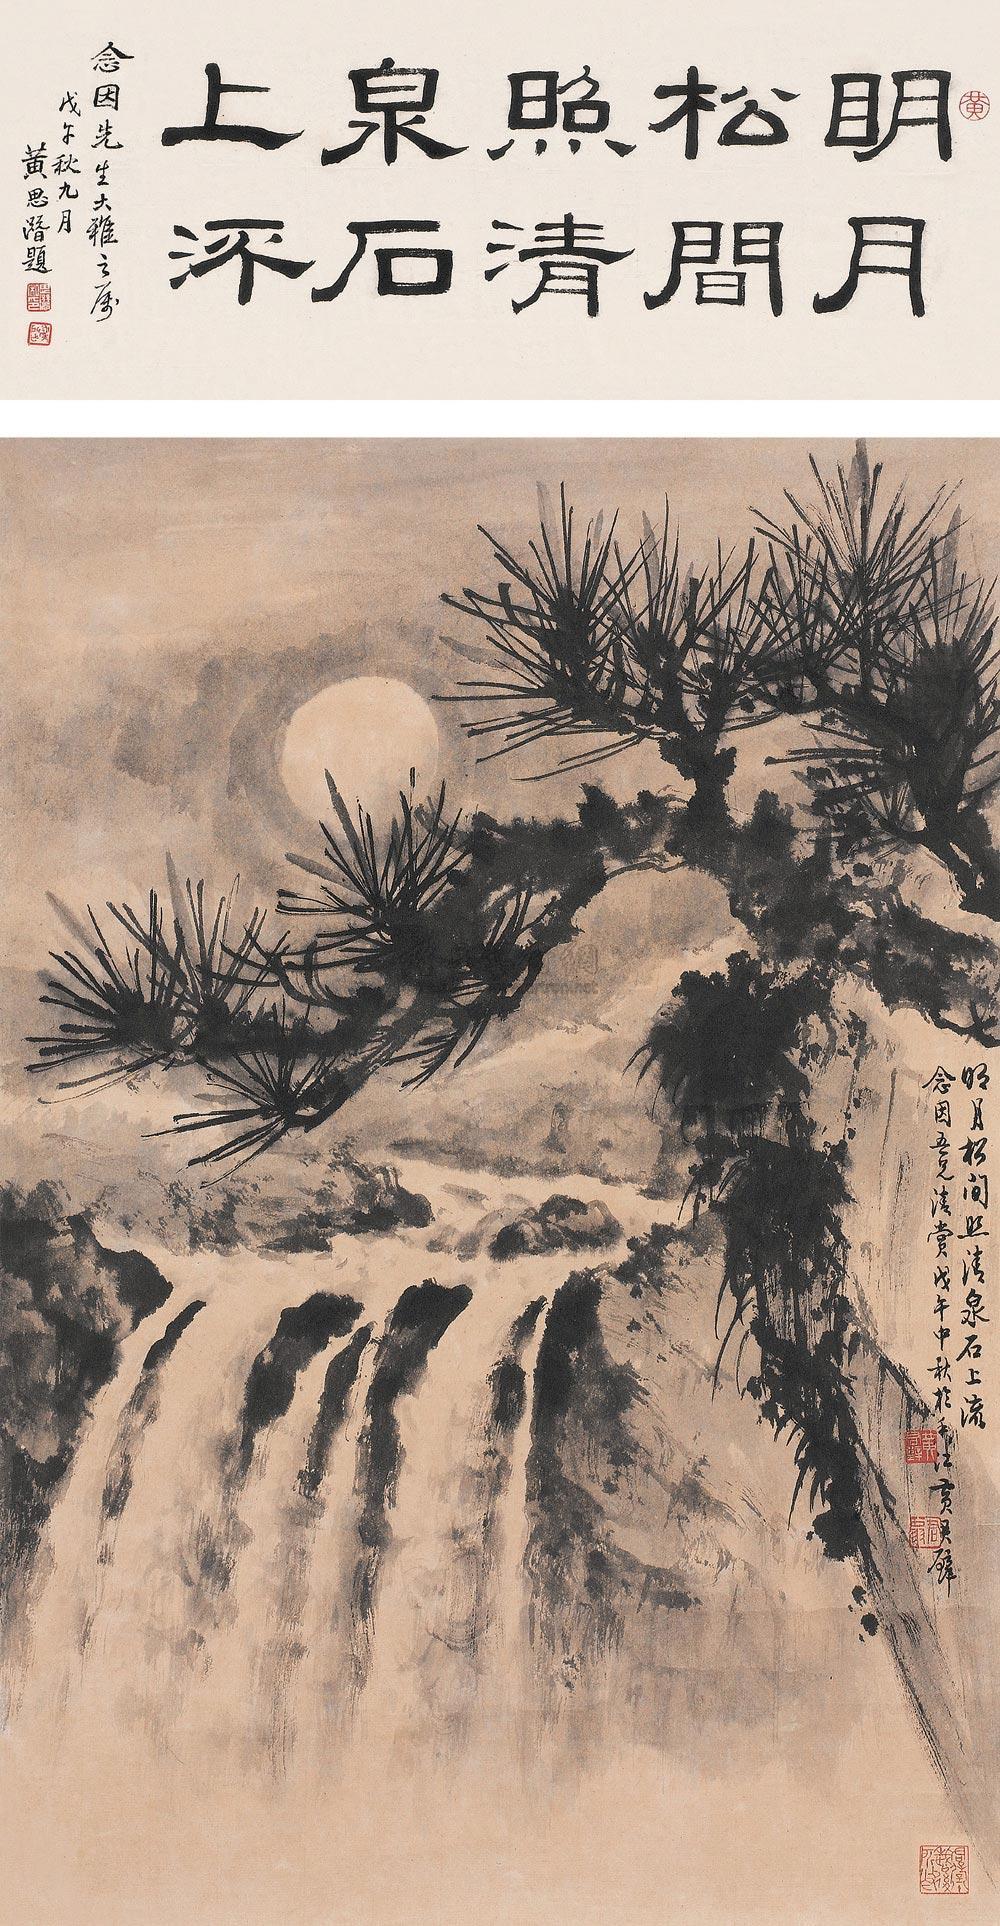 类似调和作业�_描写山水田园的诗,最好带小插图,要题目,诗人,朝代,快点!